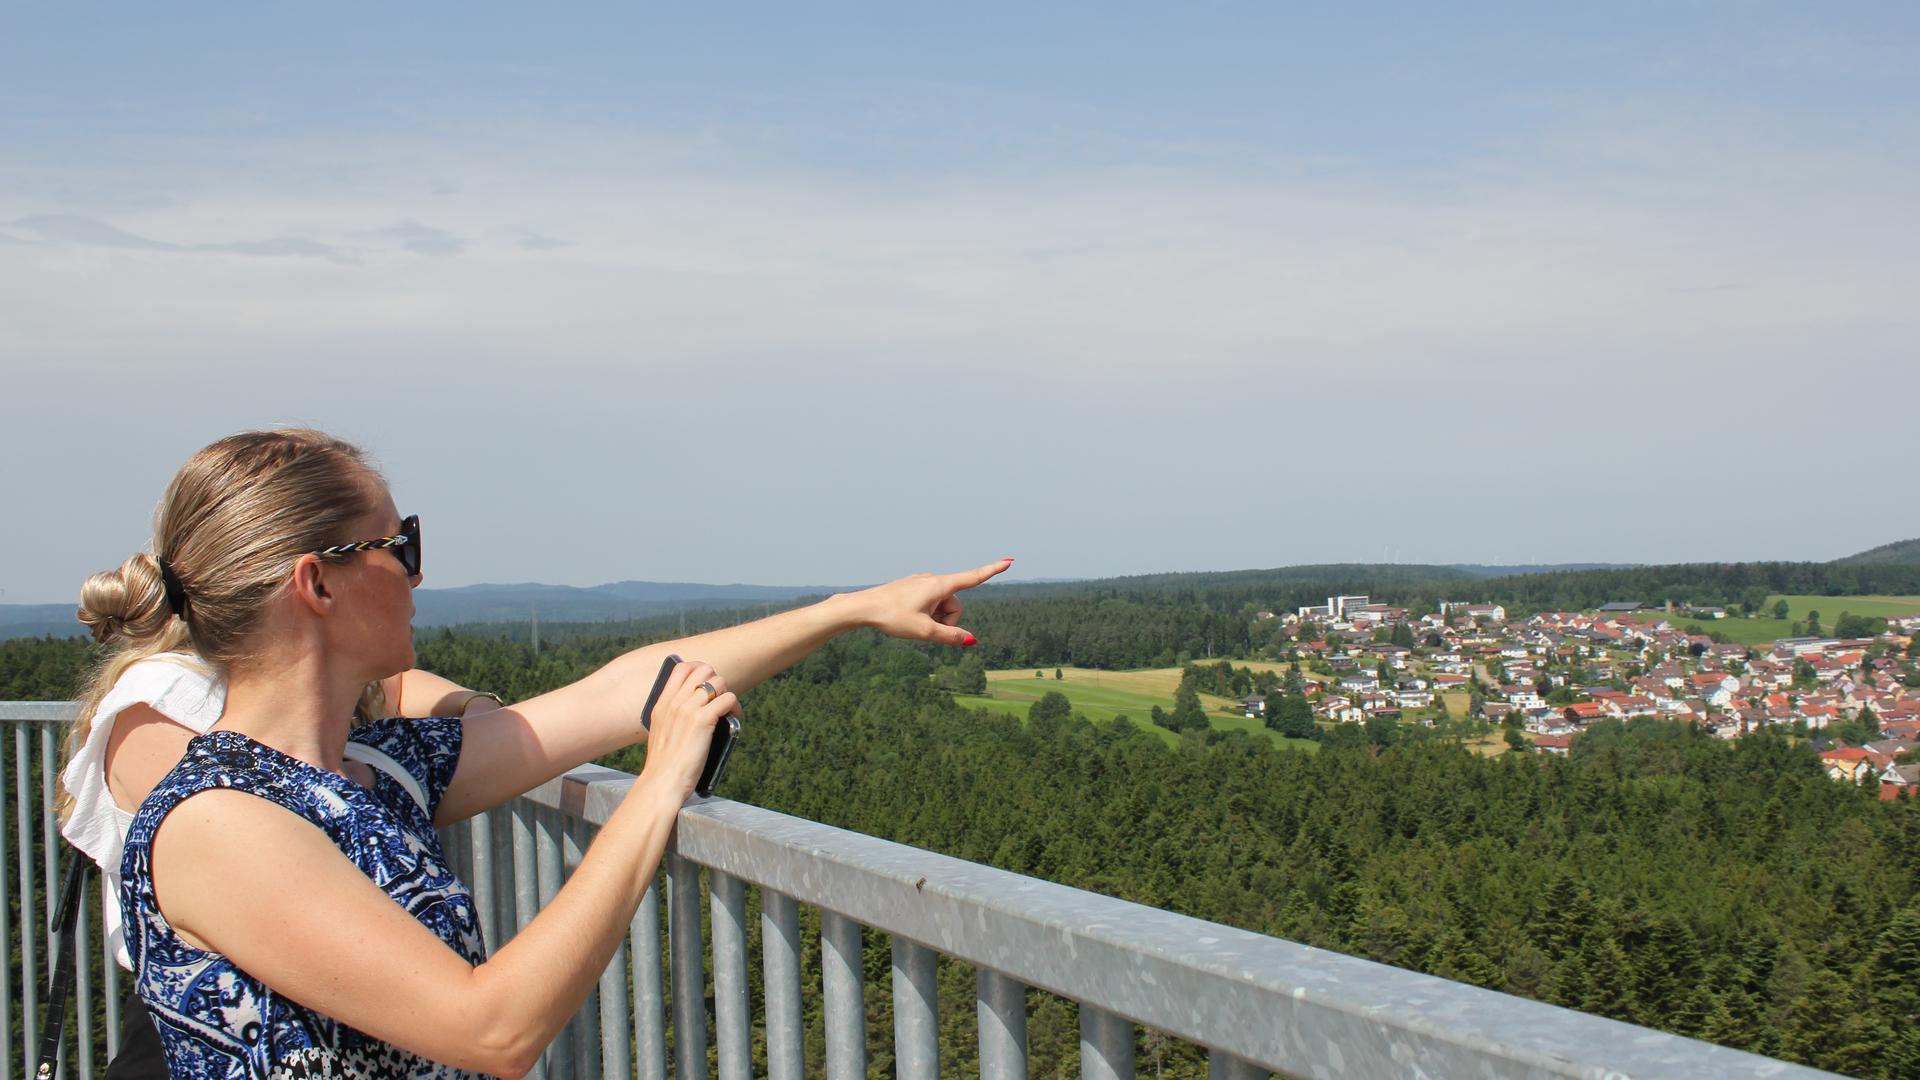 """Schöne Aussichten: Viele Besucher haben auf dem neuen Schömberger Aussichtsturm """"Himmelsglück"""" den Blick in die Ferne schweifen lassen. Der Turm soll im Frühjahr um zwei weitere Attraktionen erweitert werden."""